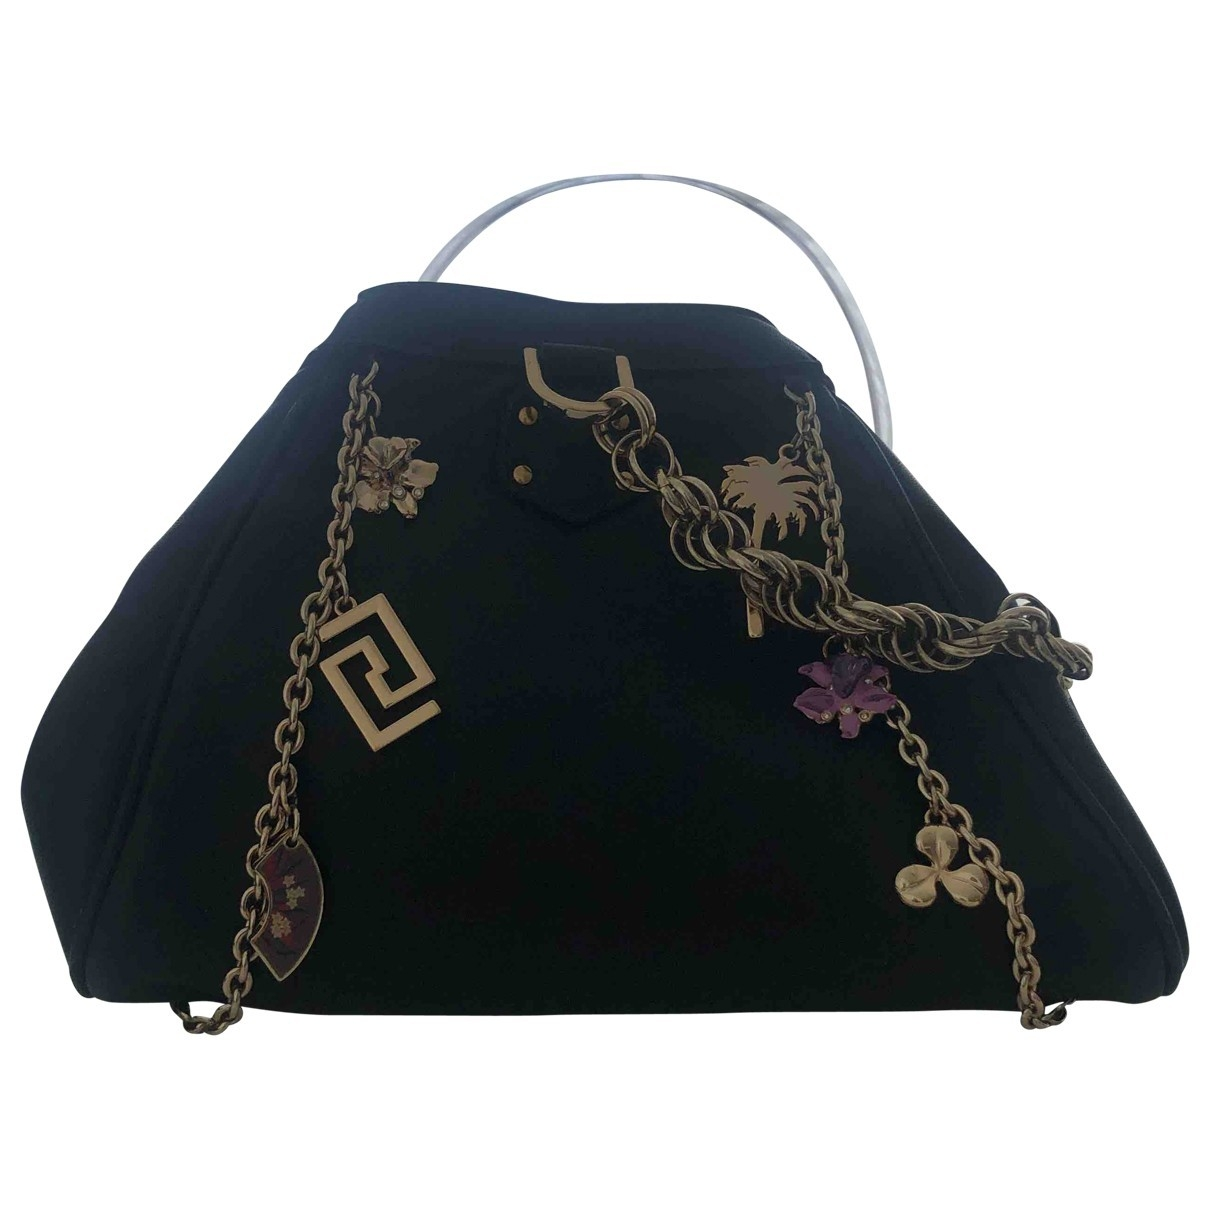 Versace X H&m \N Handtasche in  Schwarz Leder